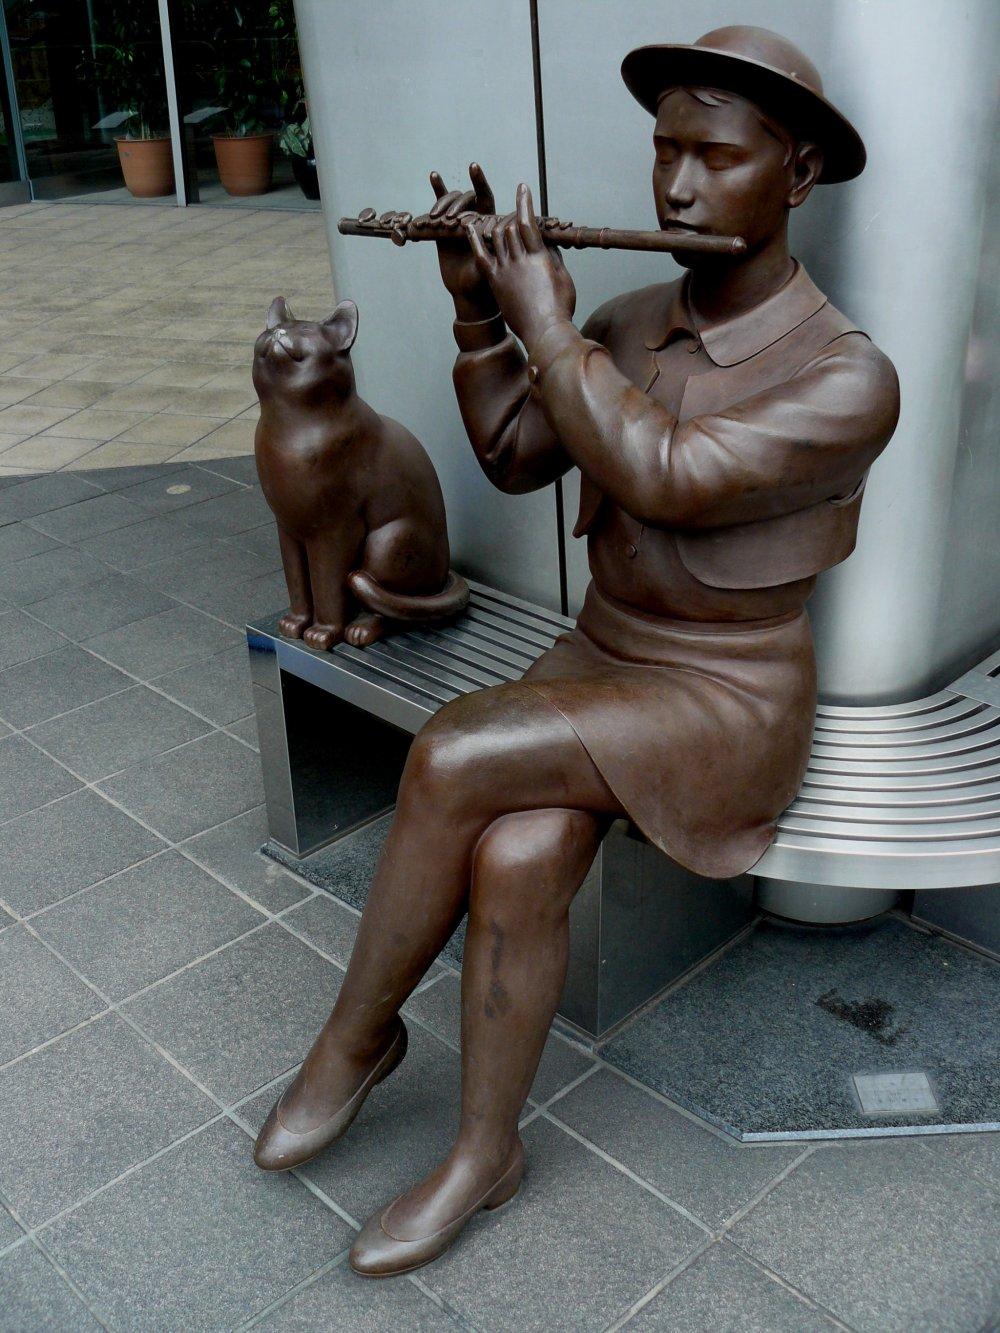 Бронзовая девушка играет на флейте, сидя на лавочке